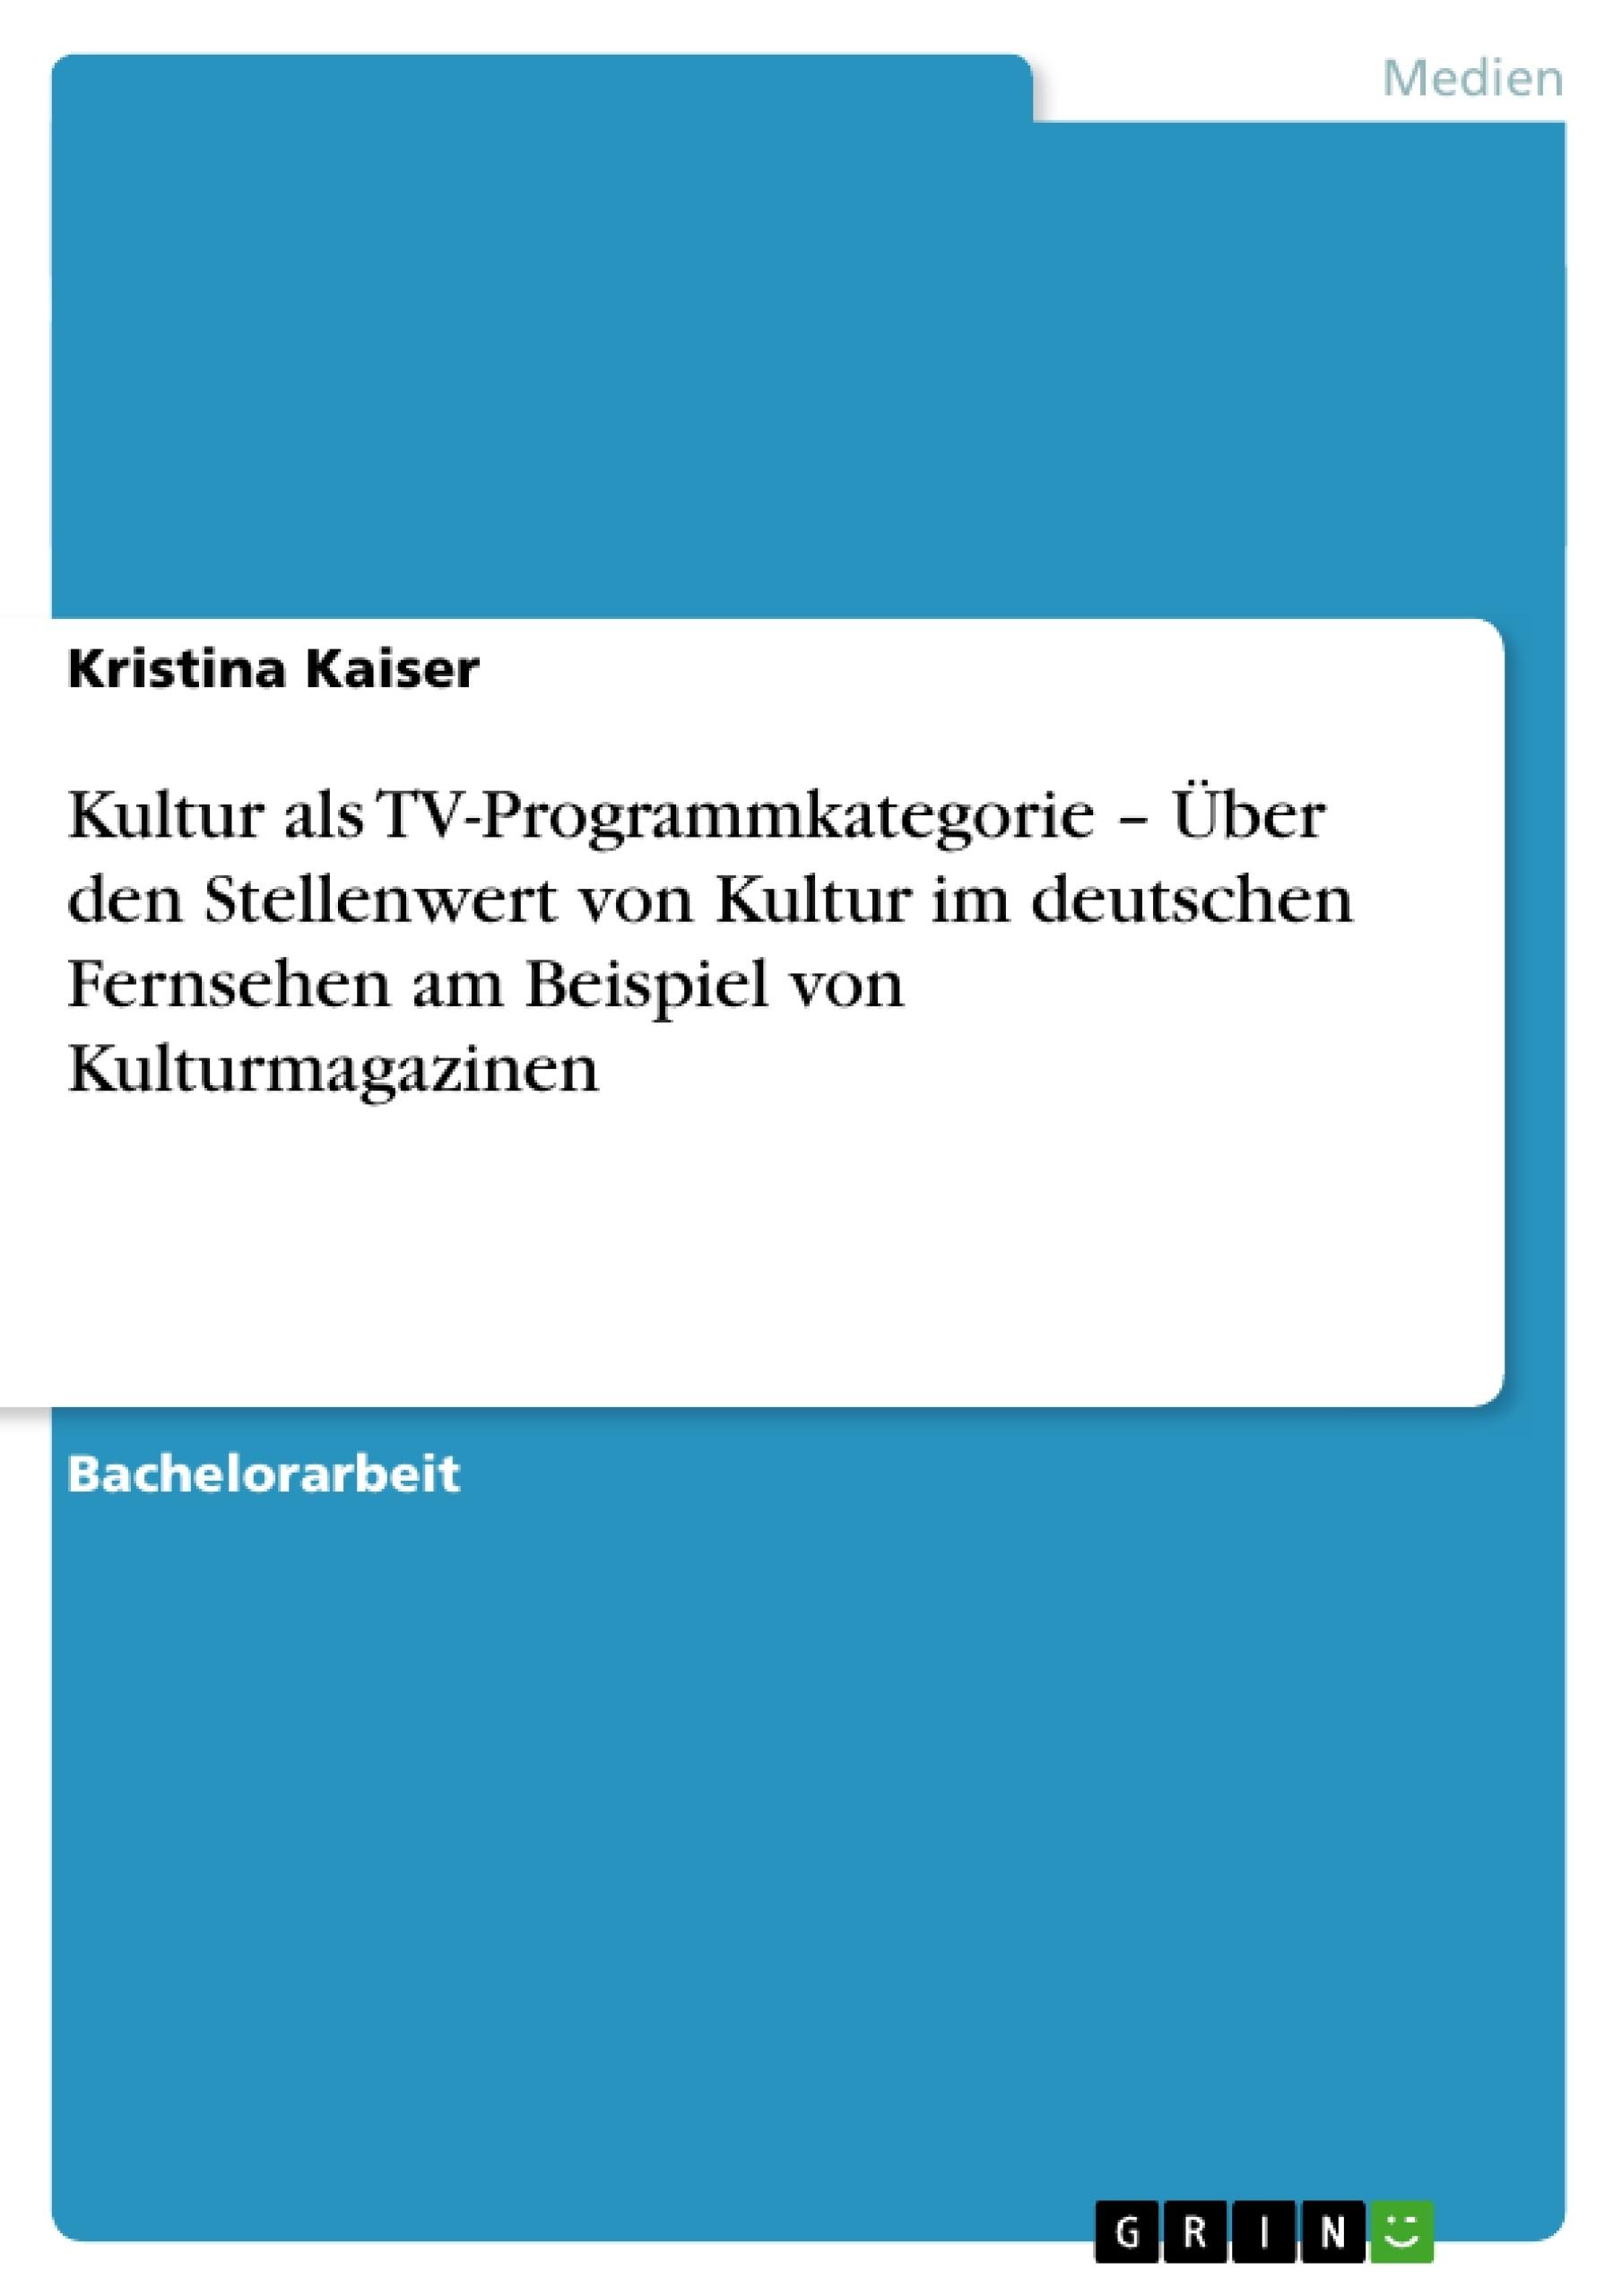 Titel: Kultur als TV-Programmkategorie –  Über den Stellenwert von Kultur im deutschen Fernsehen am Beispiel von Kulturmagazinen